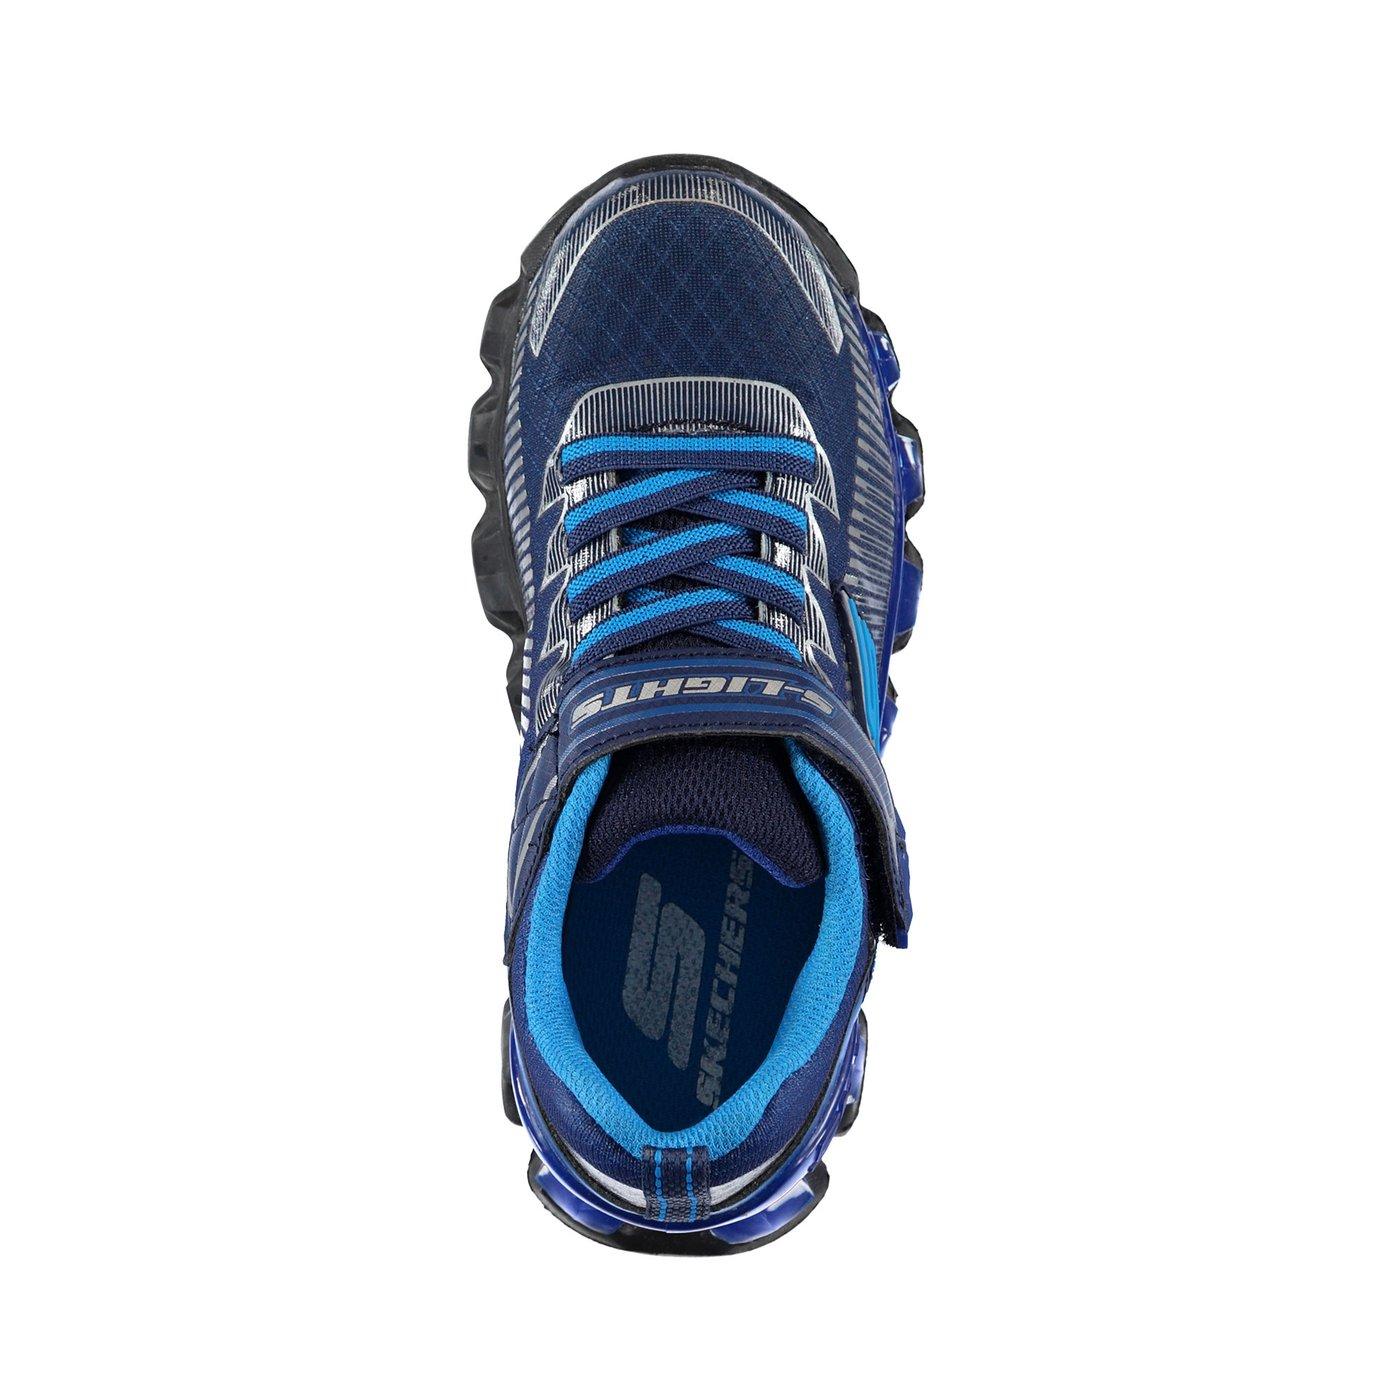 Skechers Flashpod- Scoria Erkek Çocuk Lacivert-Mavi Spor Ayakkabı